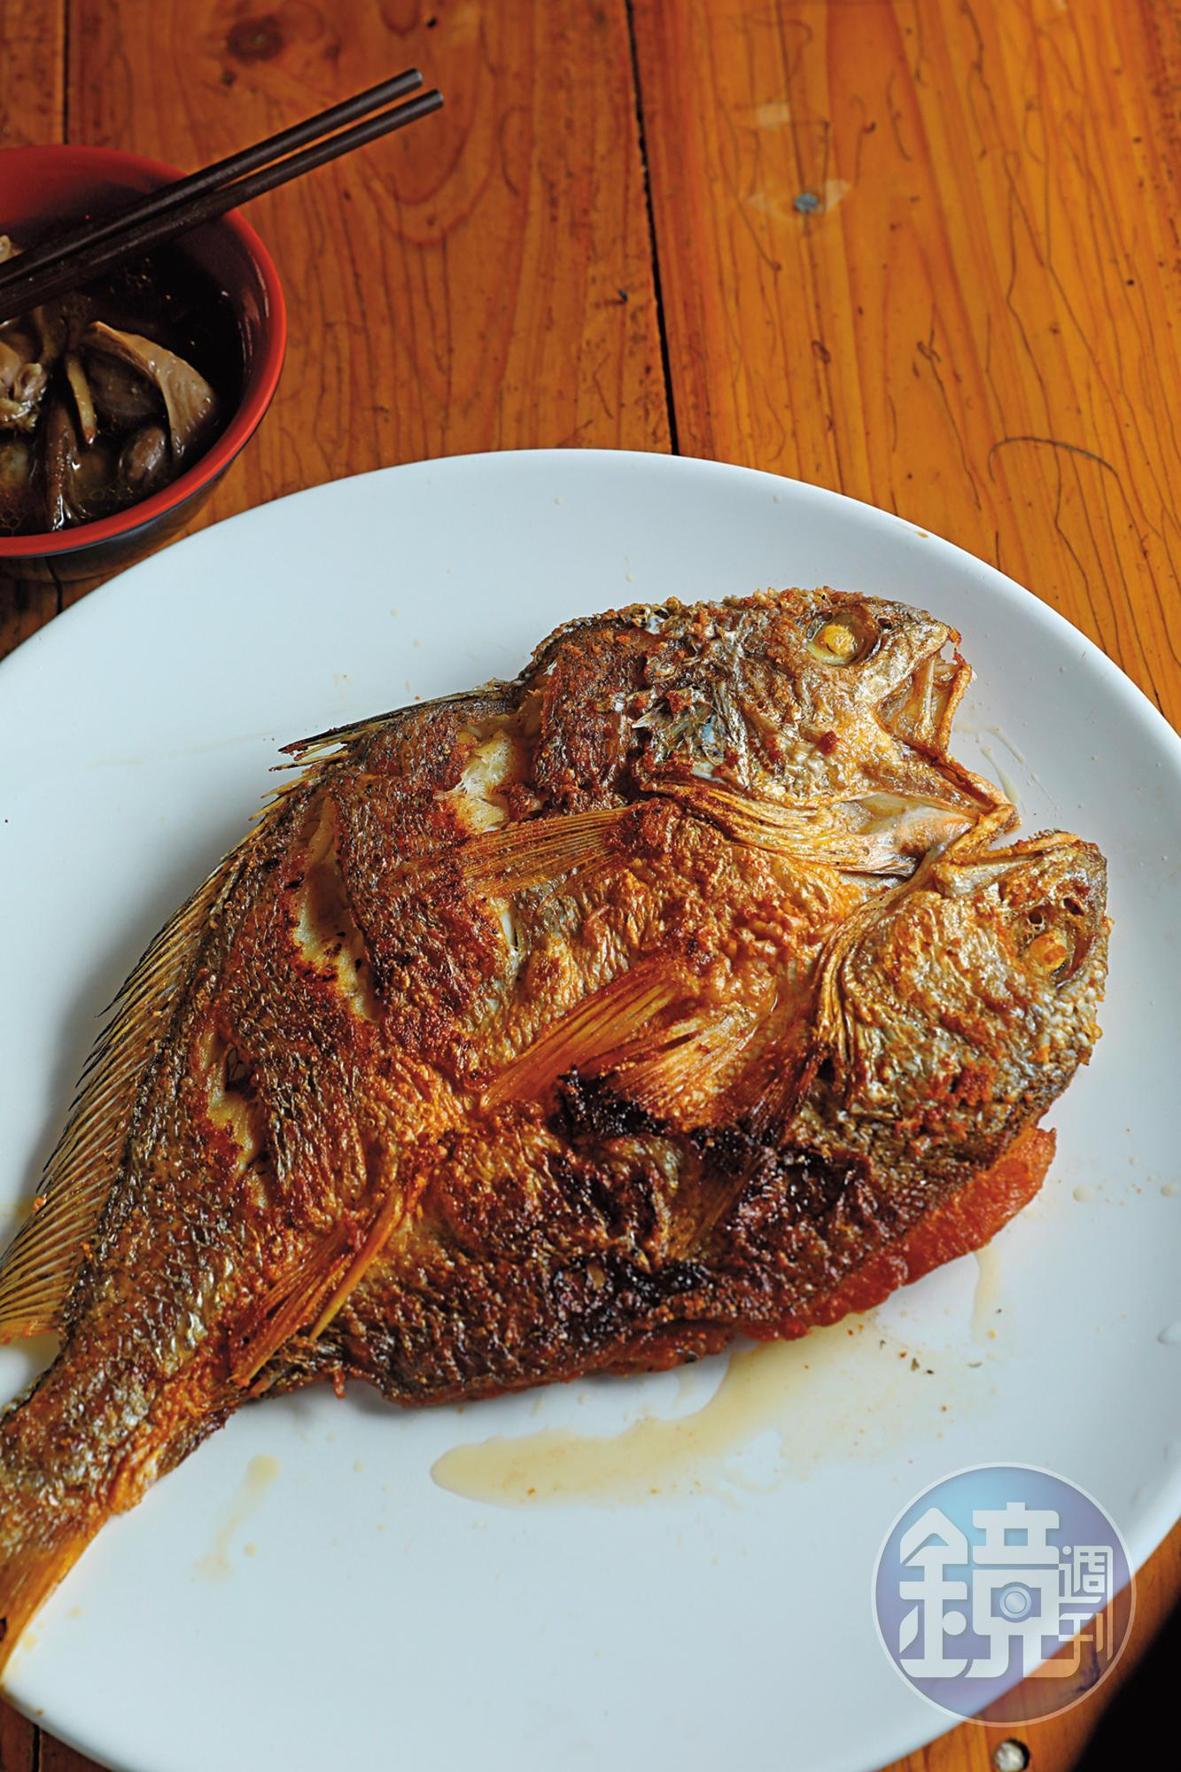 學名為半斑黃姑魚的「假黃魚一夜干」,是胡老闆的隱藏版菜色,不是每次都有貨。(約300元/100g)